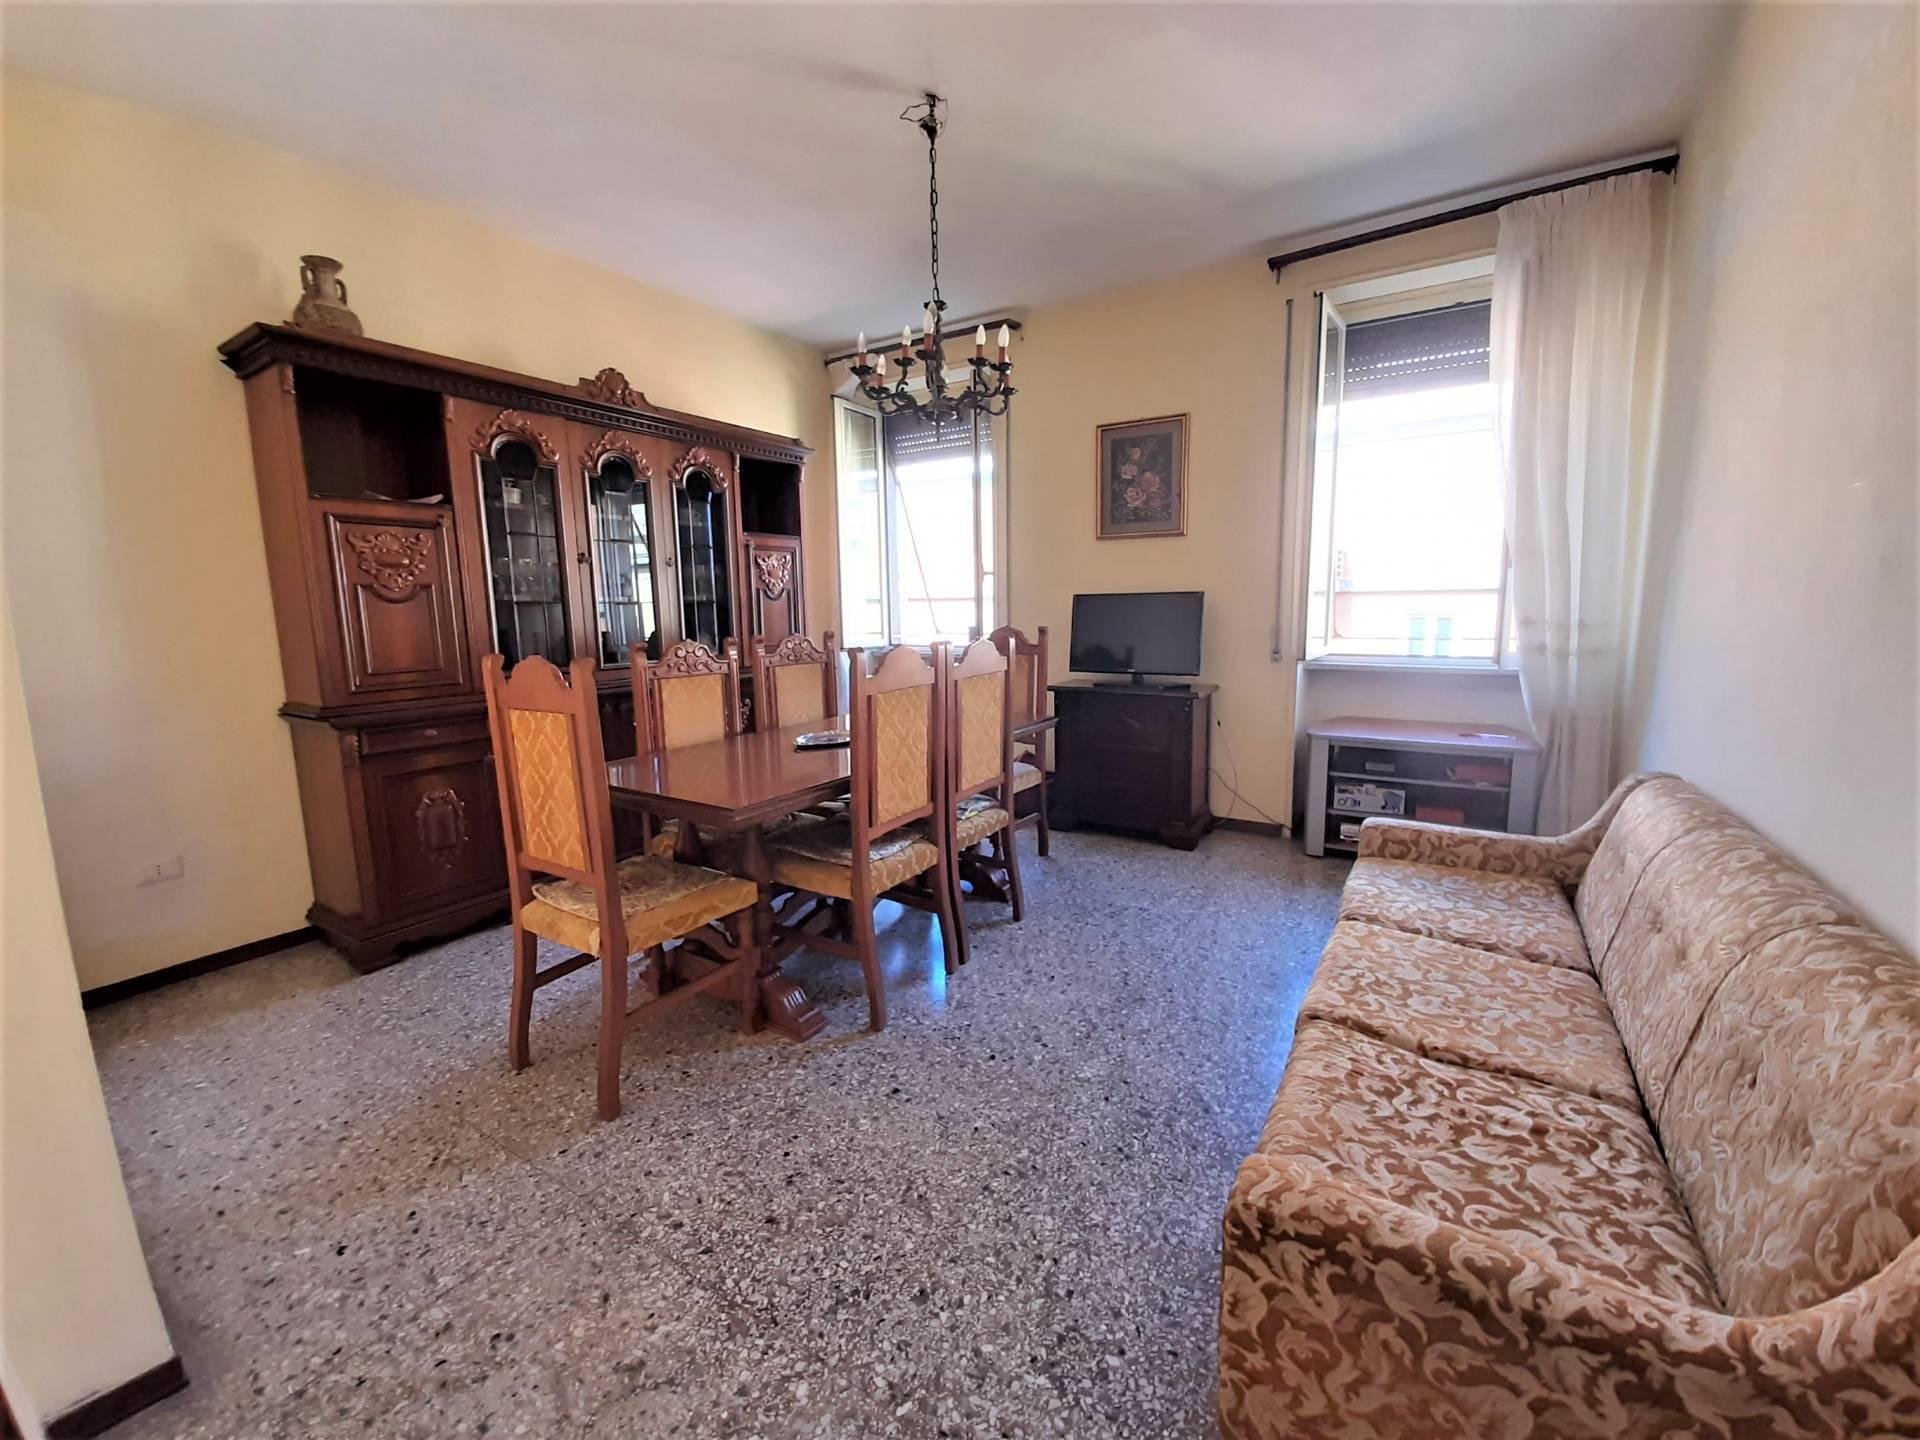 Appartamento in vendita a Viterbo, 5 locali, zona Zona: Centro, prezzo € 70.000 | CambioCasa.it